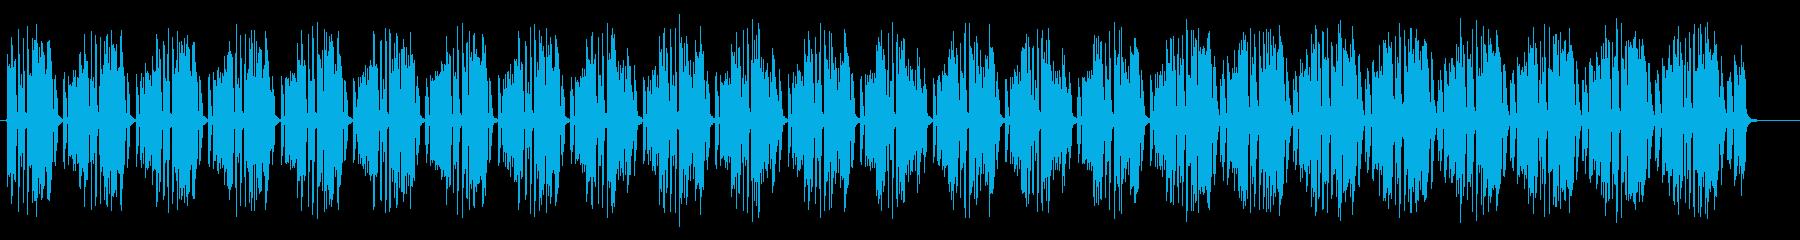 軽快で幻想的なスピリチュアルサウンドの再生済みの波形